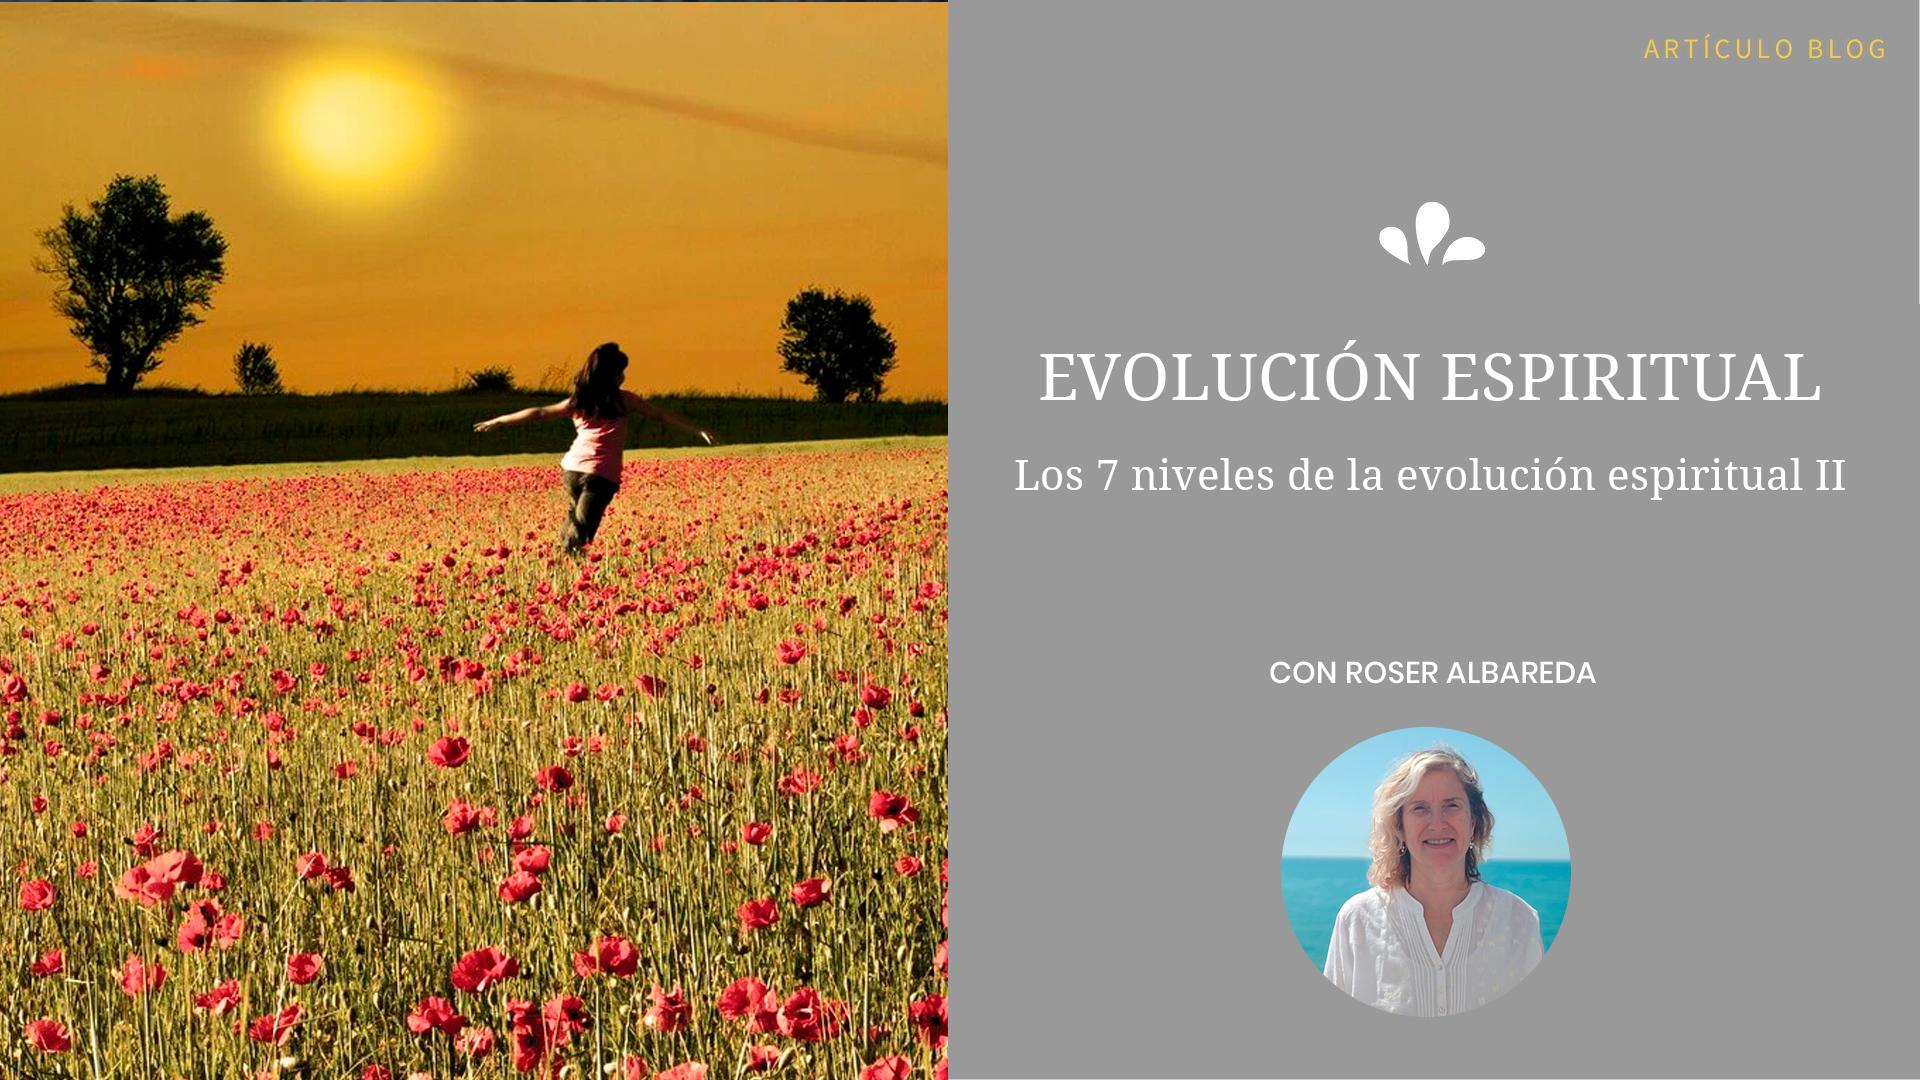 os-7-niveles-de-la-evolucion-espiritual